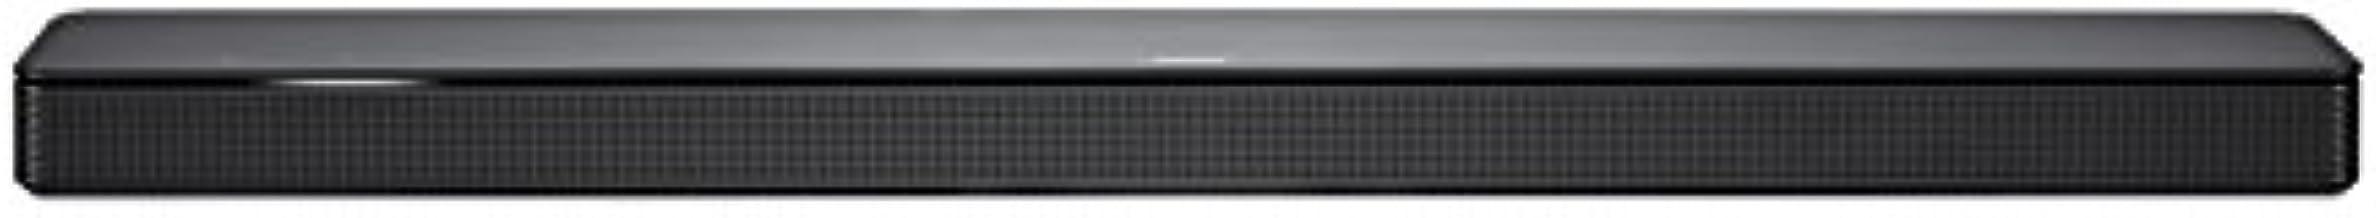 Bose Soundbar 500 con mando de voz Alexa integrado, color negro